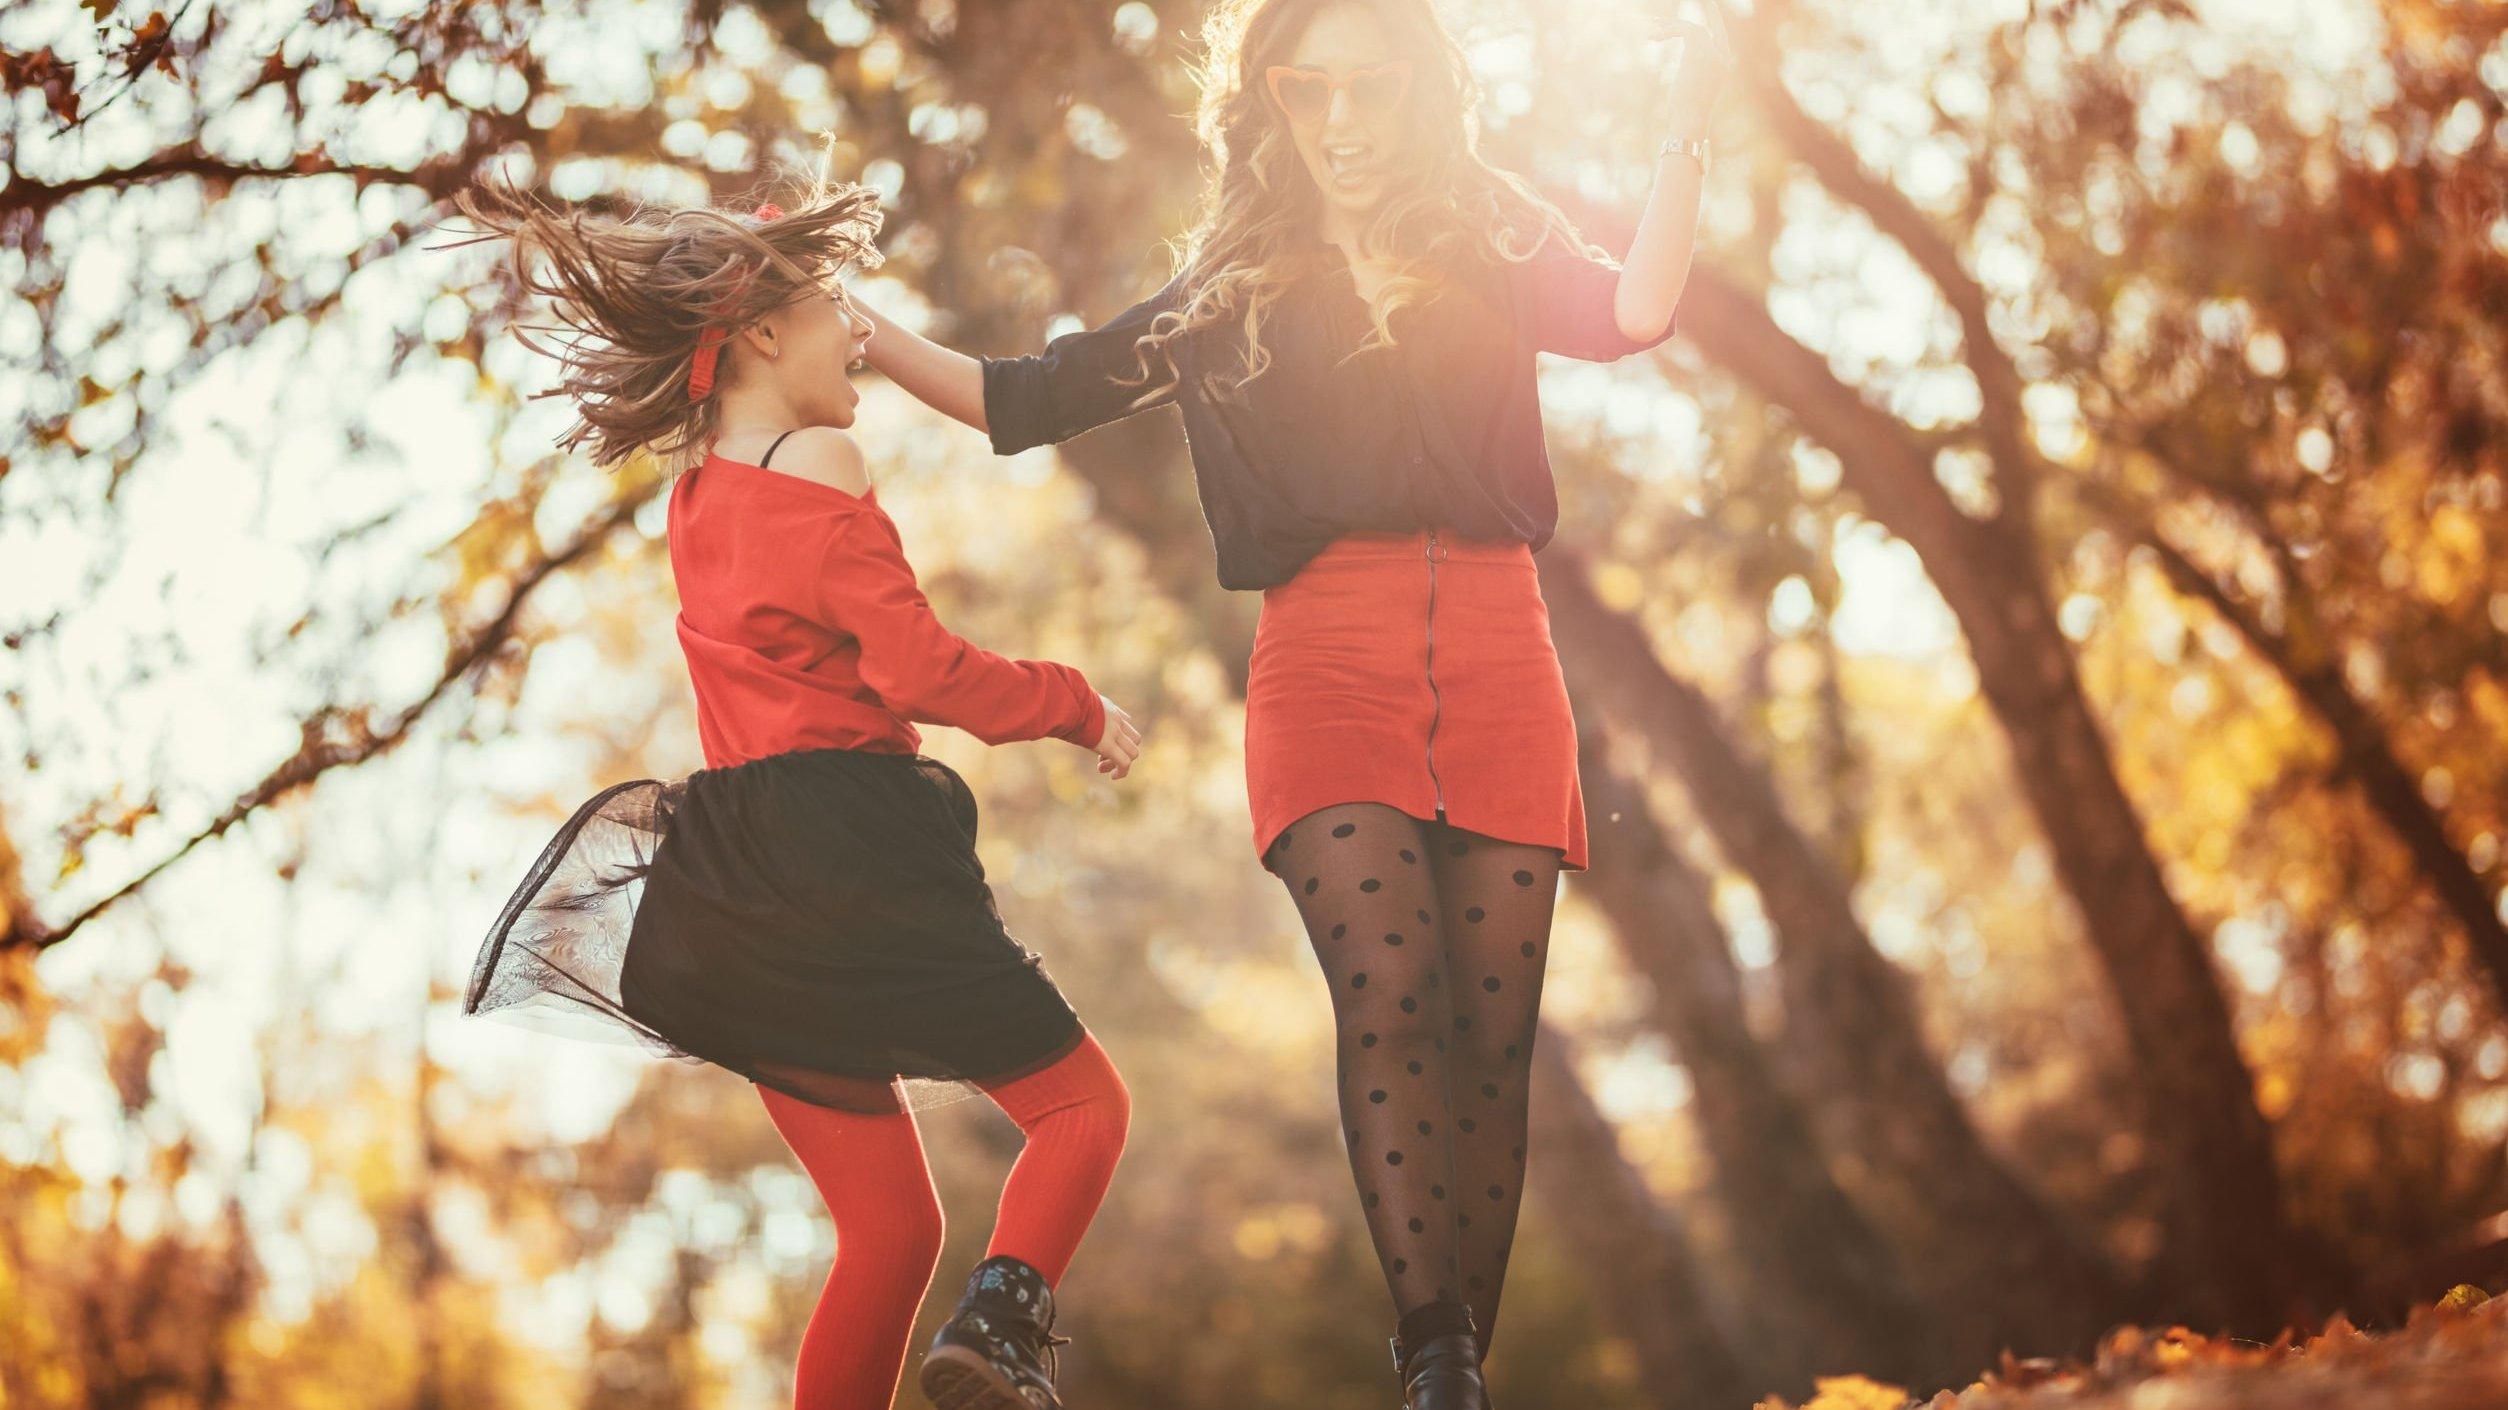 Garota e mulher adulta andando de mãos dadas